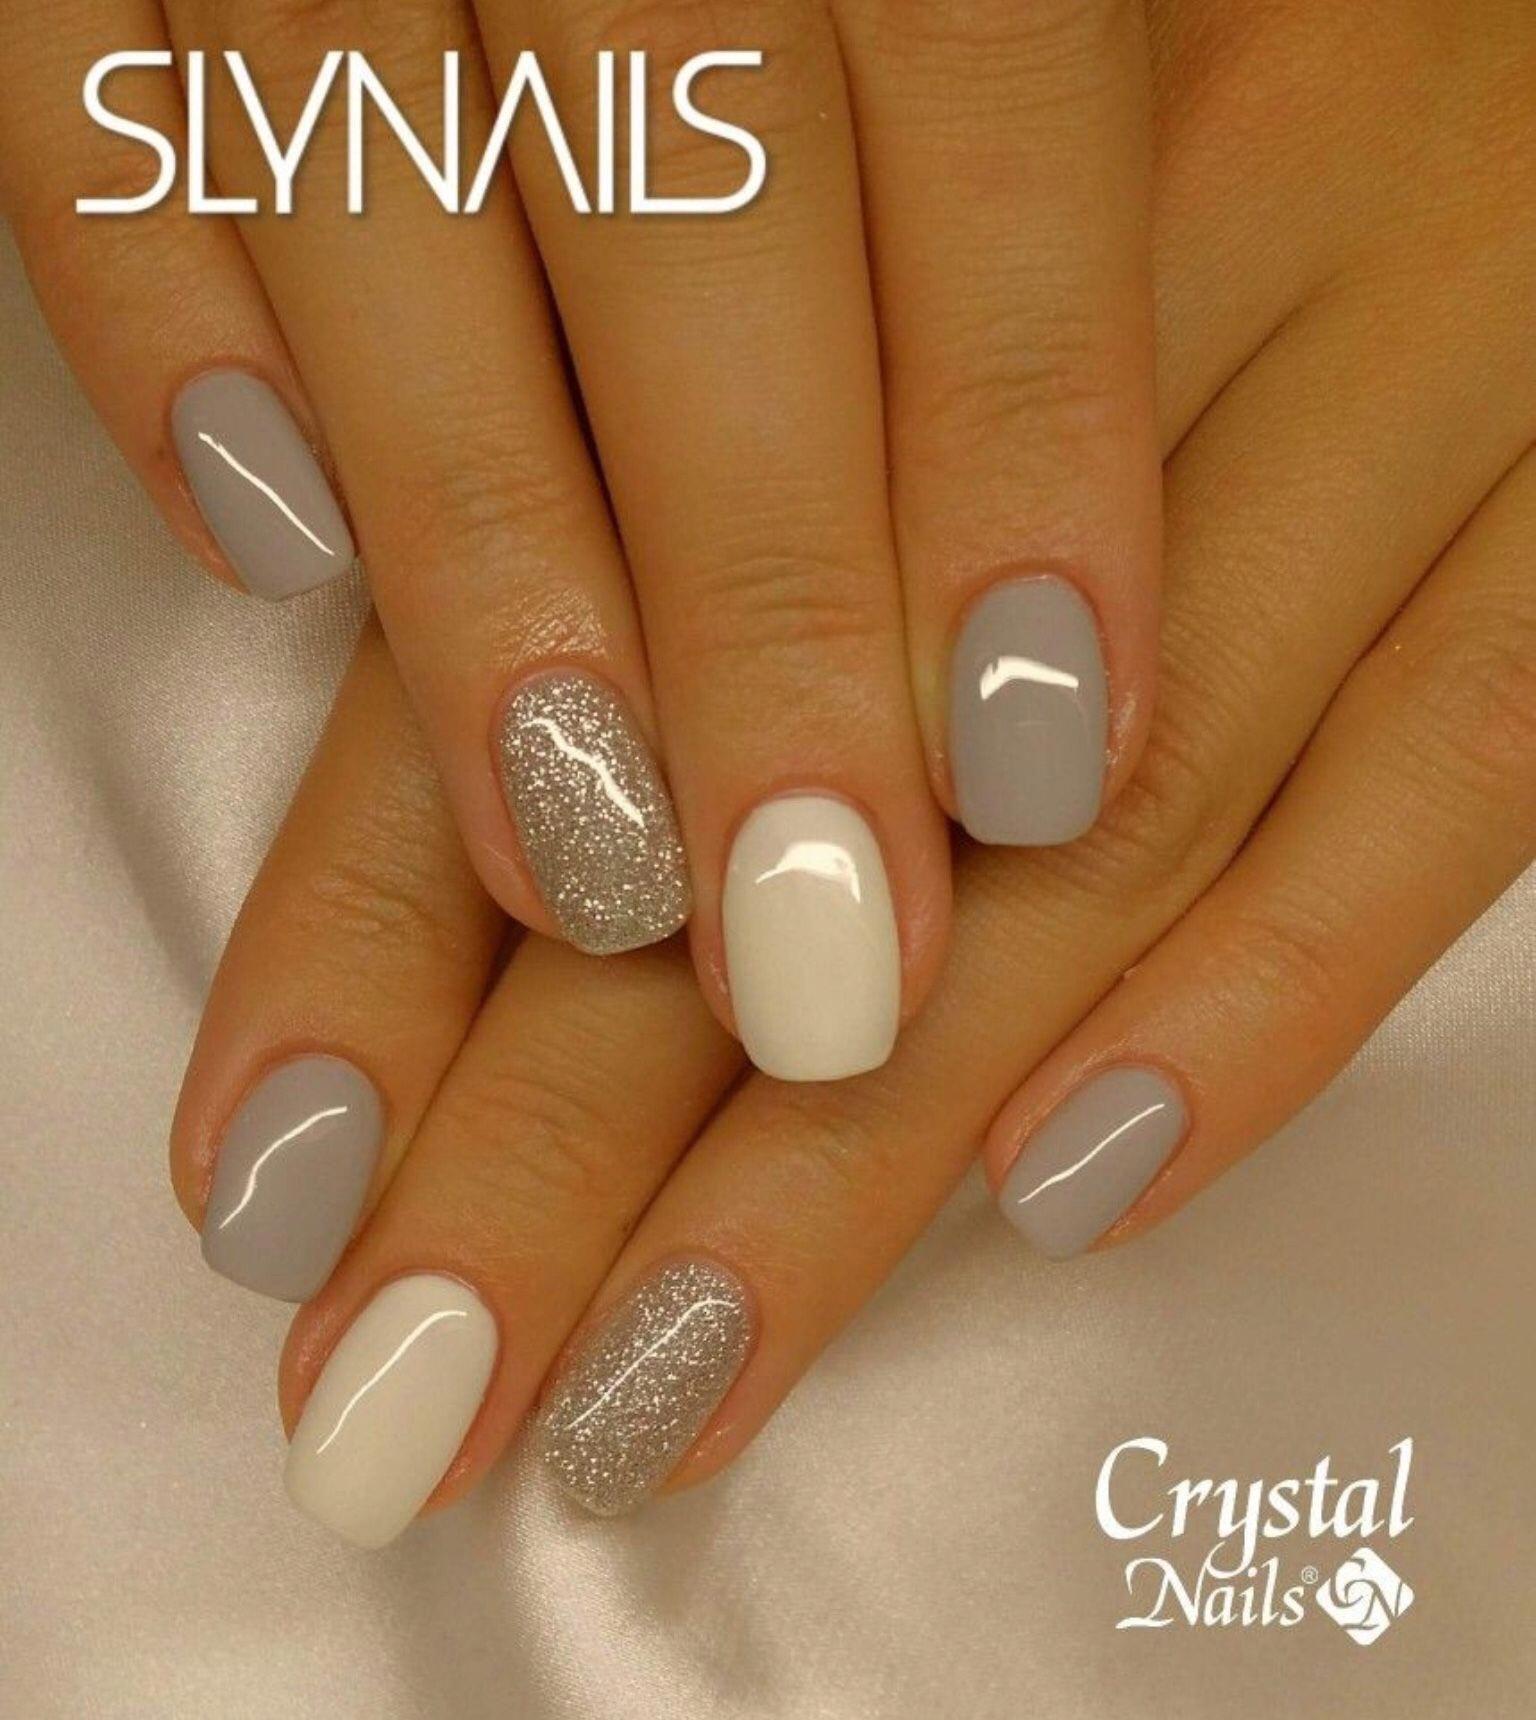 Nail Combo Gray White Silver Glitter Acrylicnails Trendy Nails Nails Crystal Nails